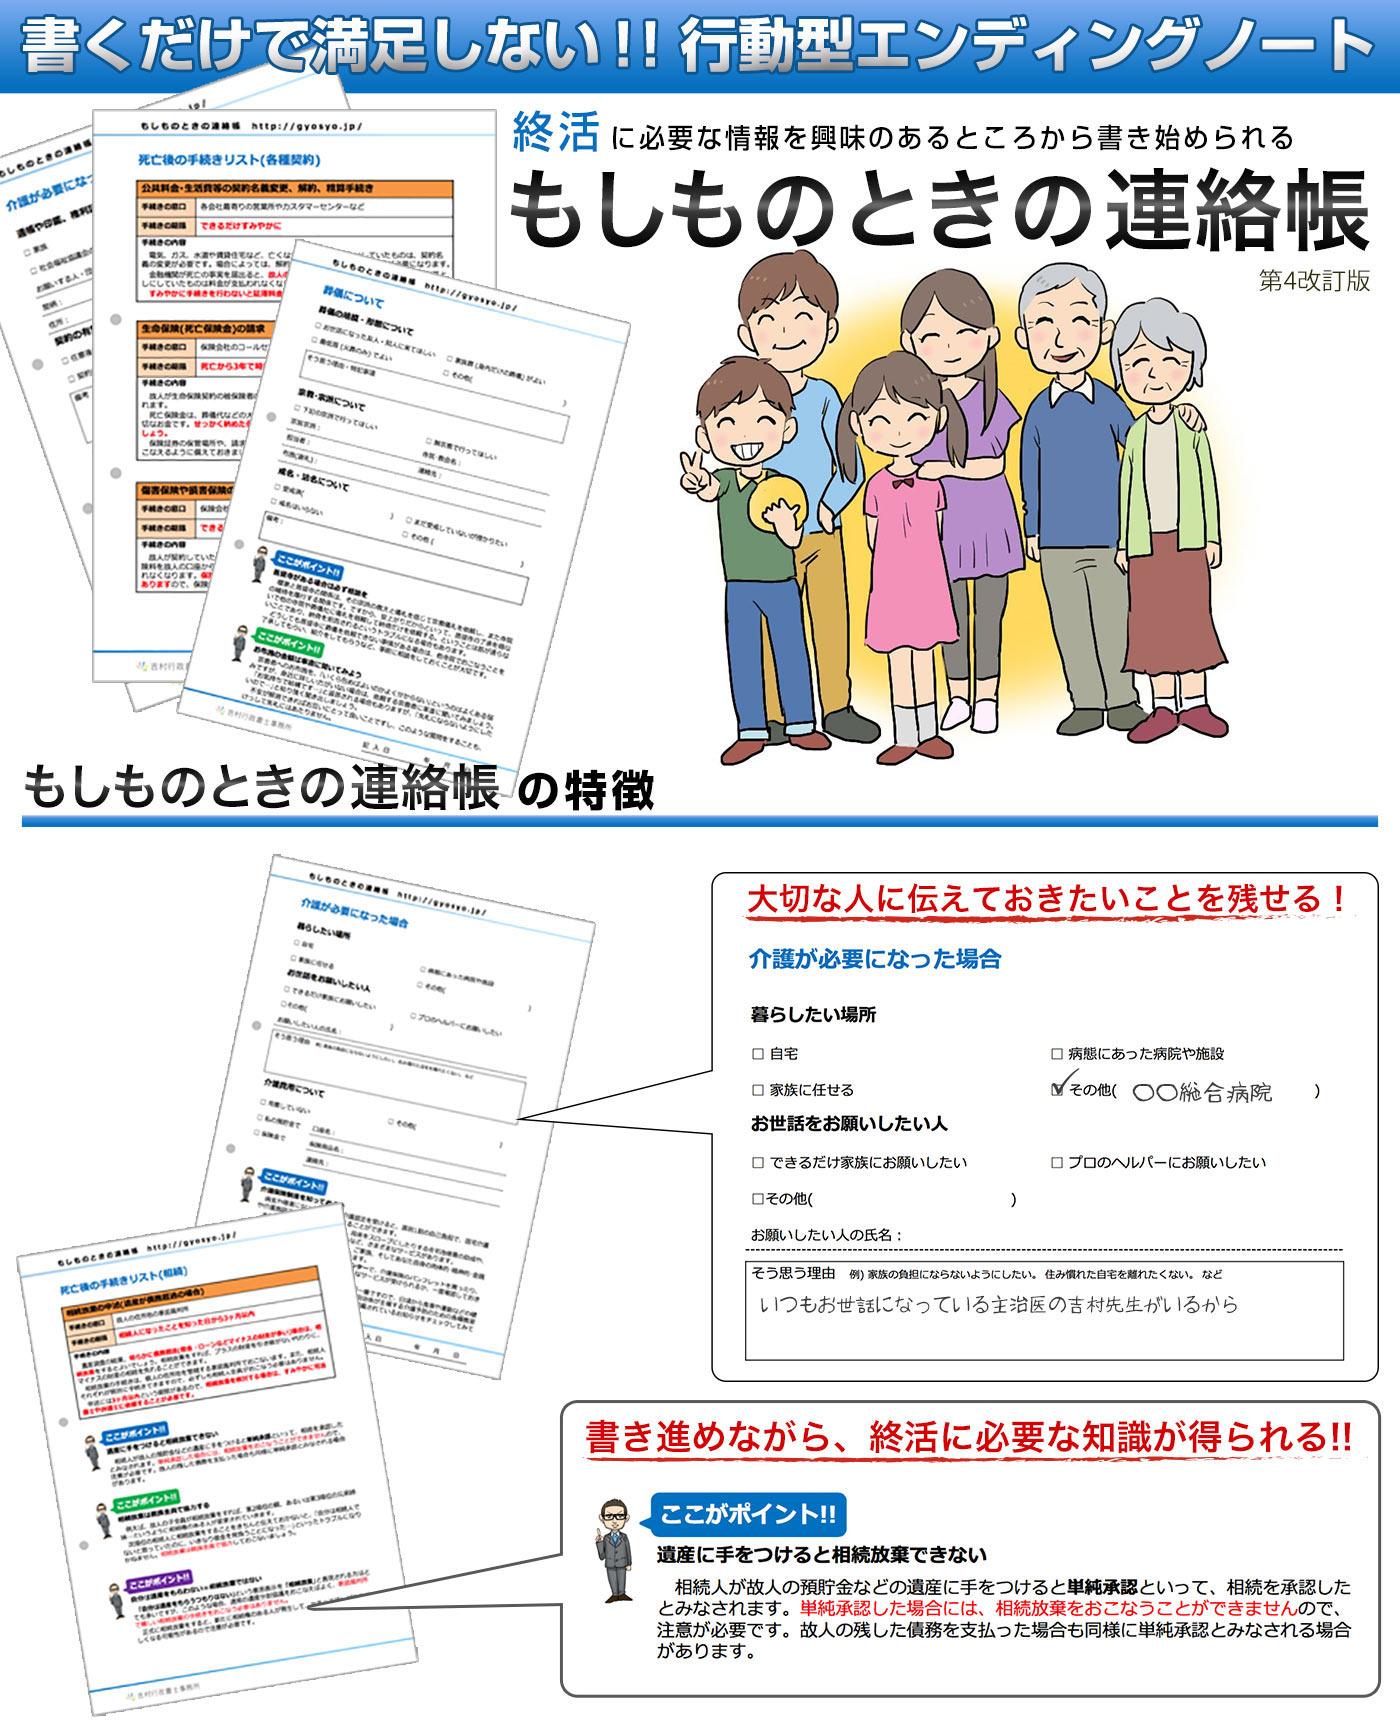 エンディングノート もしものときの連絡帳